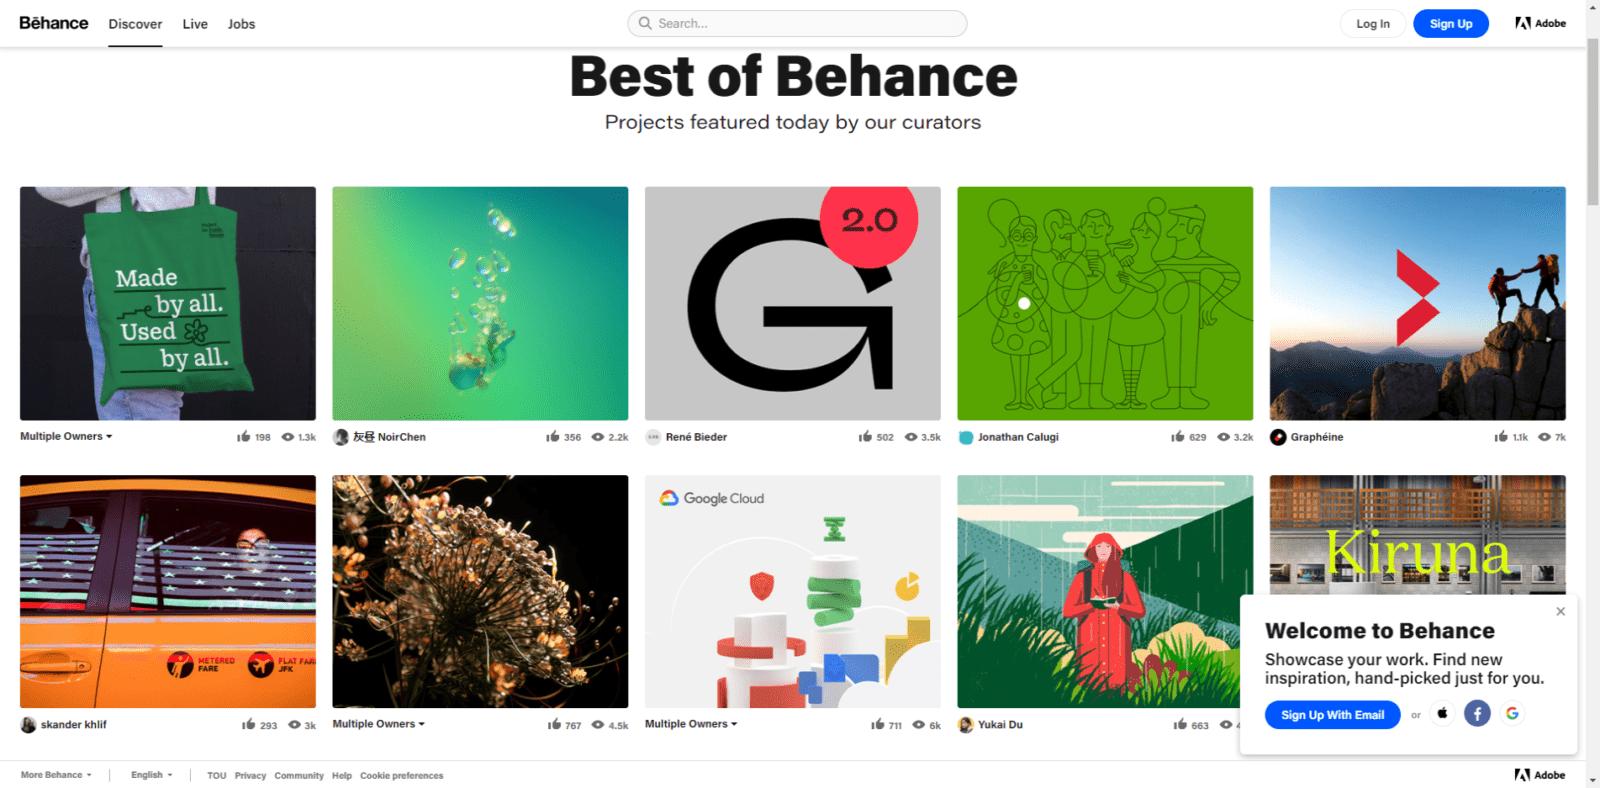 Behance Best of Behance